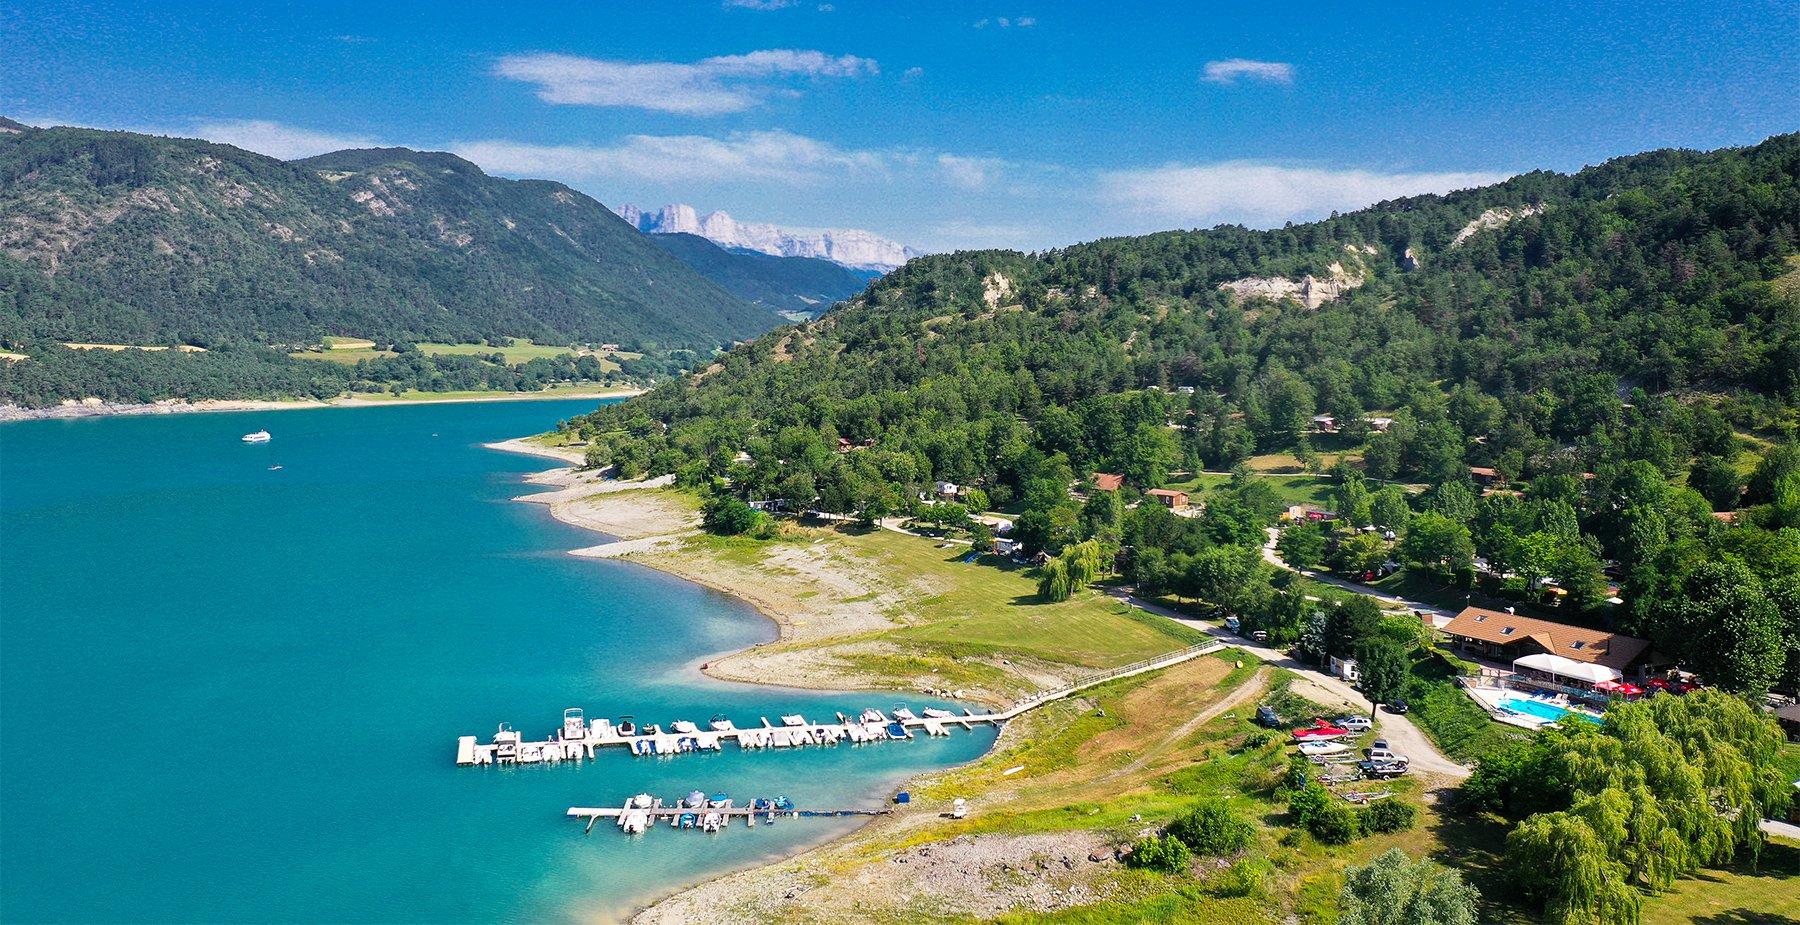 Camping En Isère En Bord De Lac - Camping Le Savel intérieur Camping Isère Avec Piscine